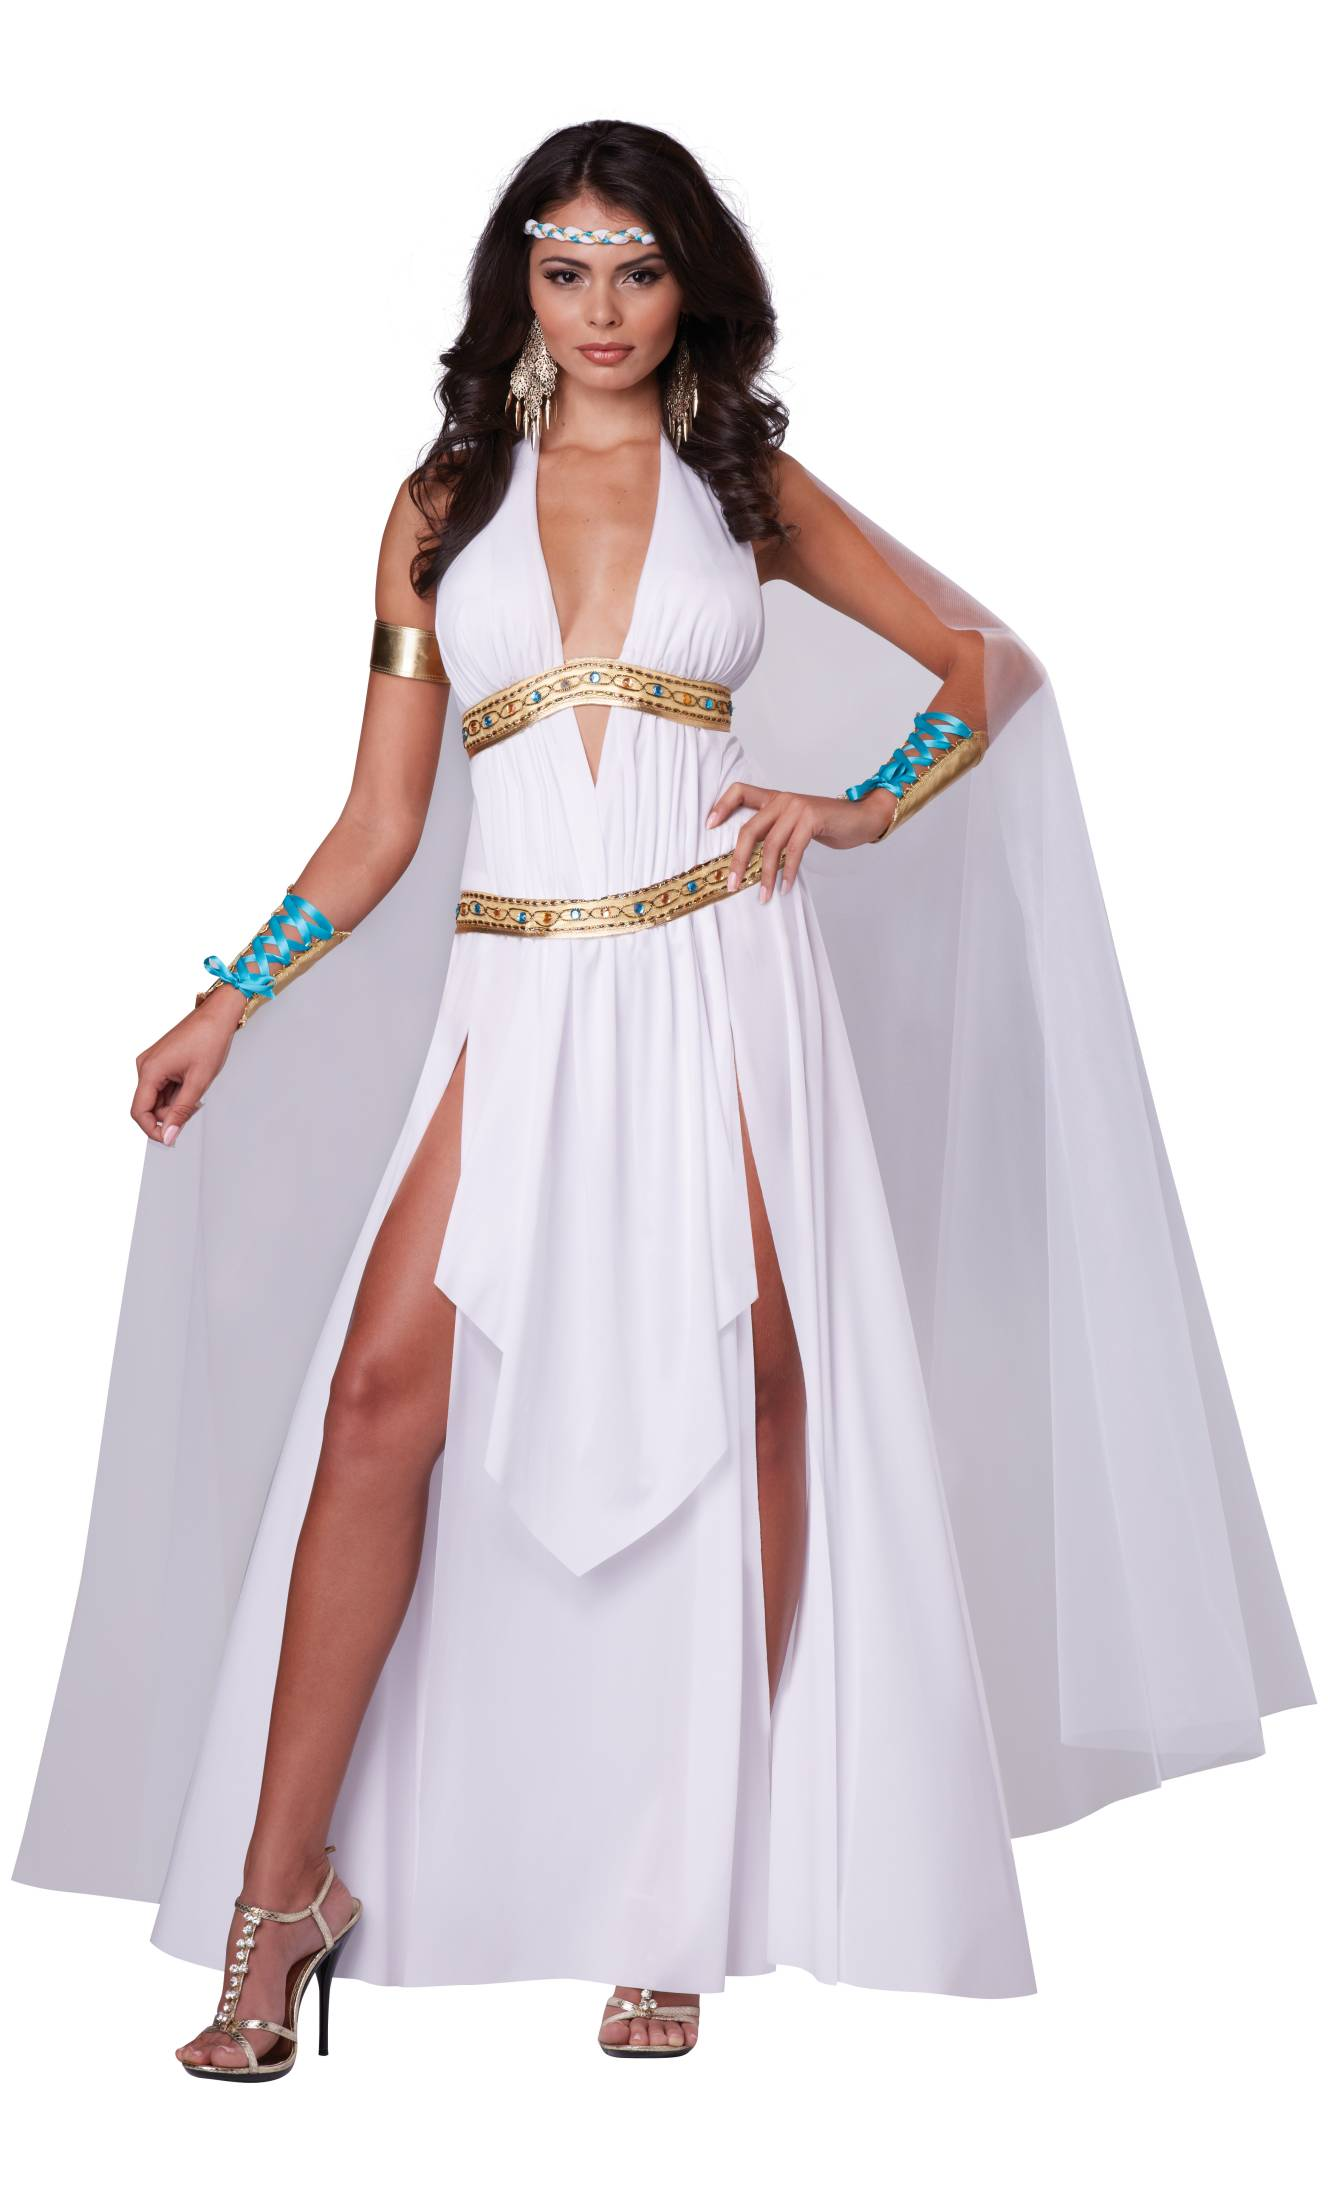 Costume-Déesse-Athéna-Aphrodite